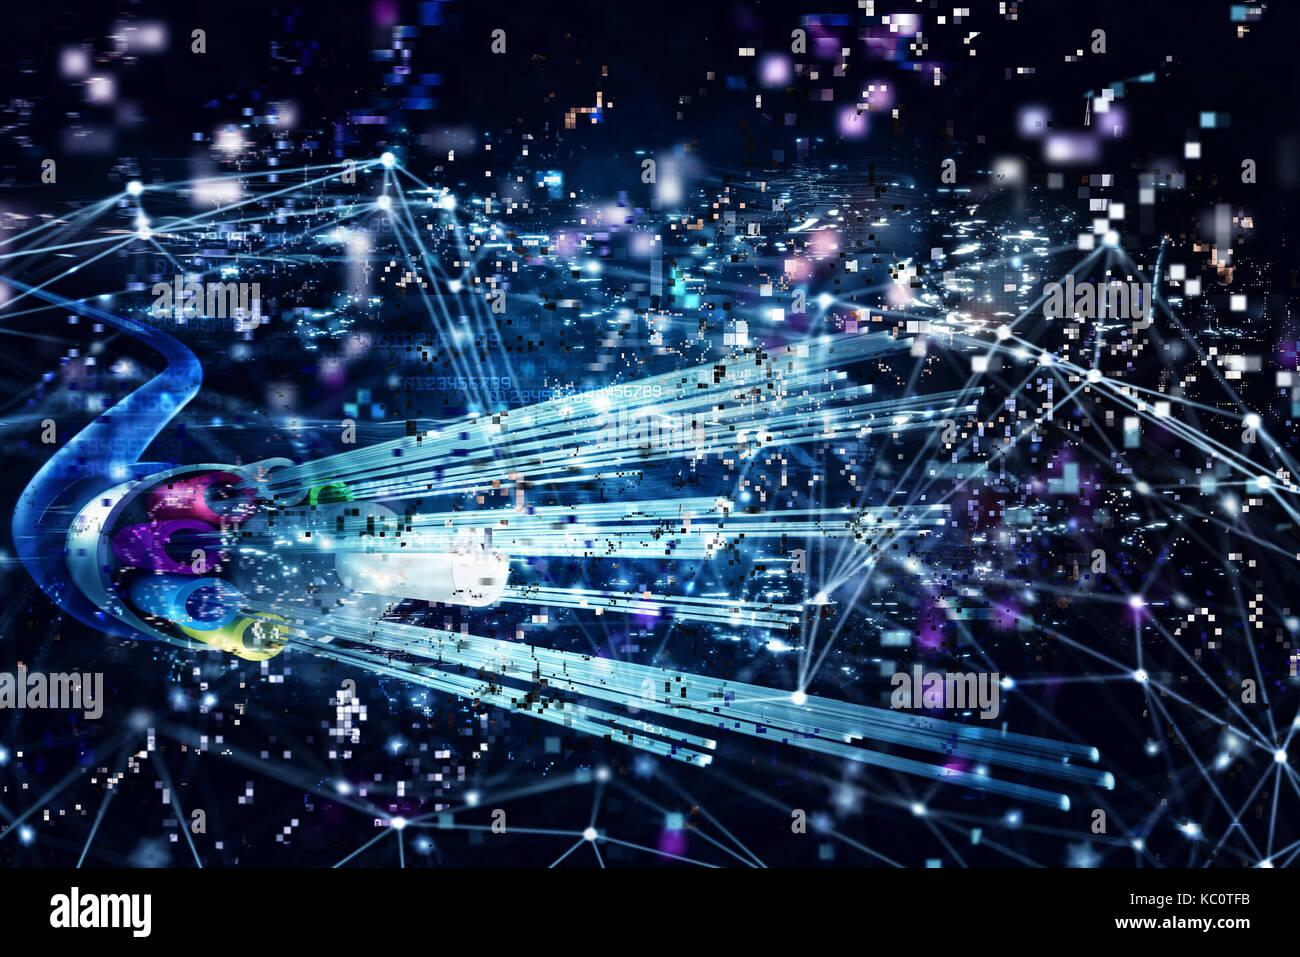 Zusammenhang mit der optischen Faser. Konzept der Schnellen Internet. 3D-Rendering Stockbild